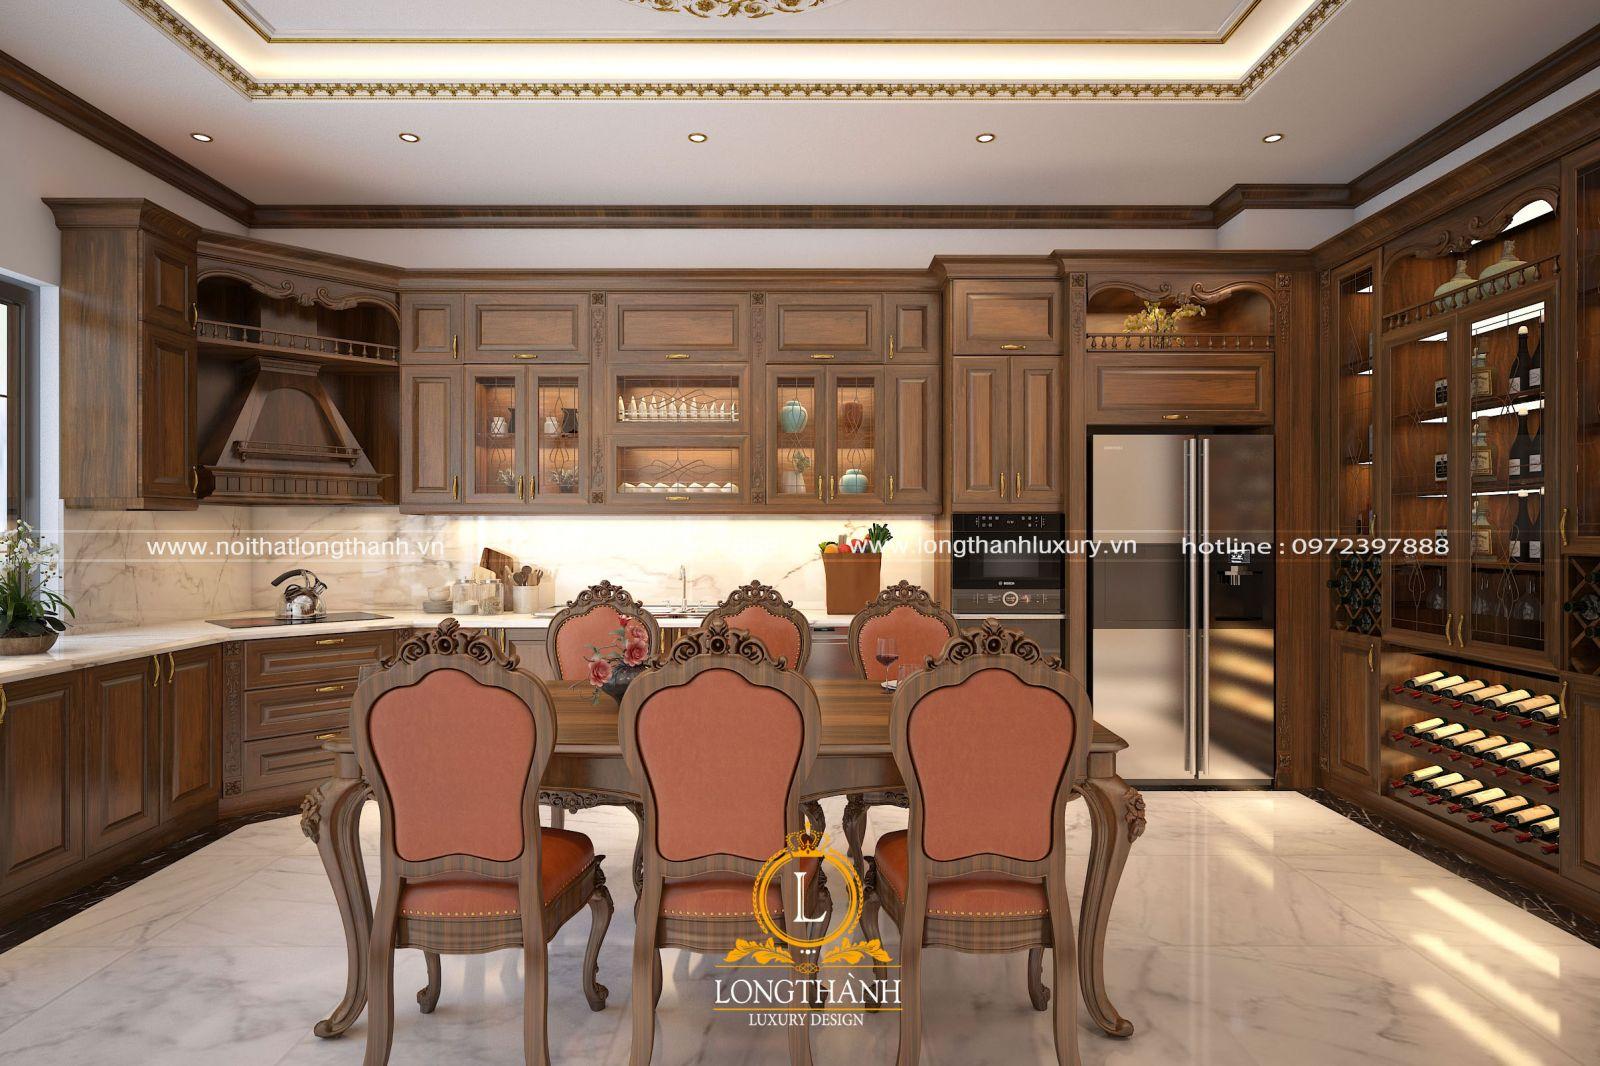 Mẫu tủ bếp chữ U được thiết kế  kết hợp cùng nhiều công năng nhưng vẫn bảo đảm tính thẩm mỹ